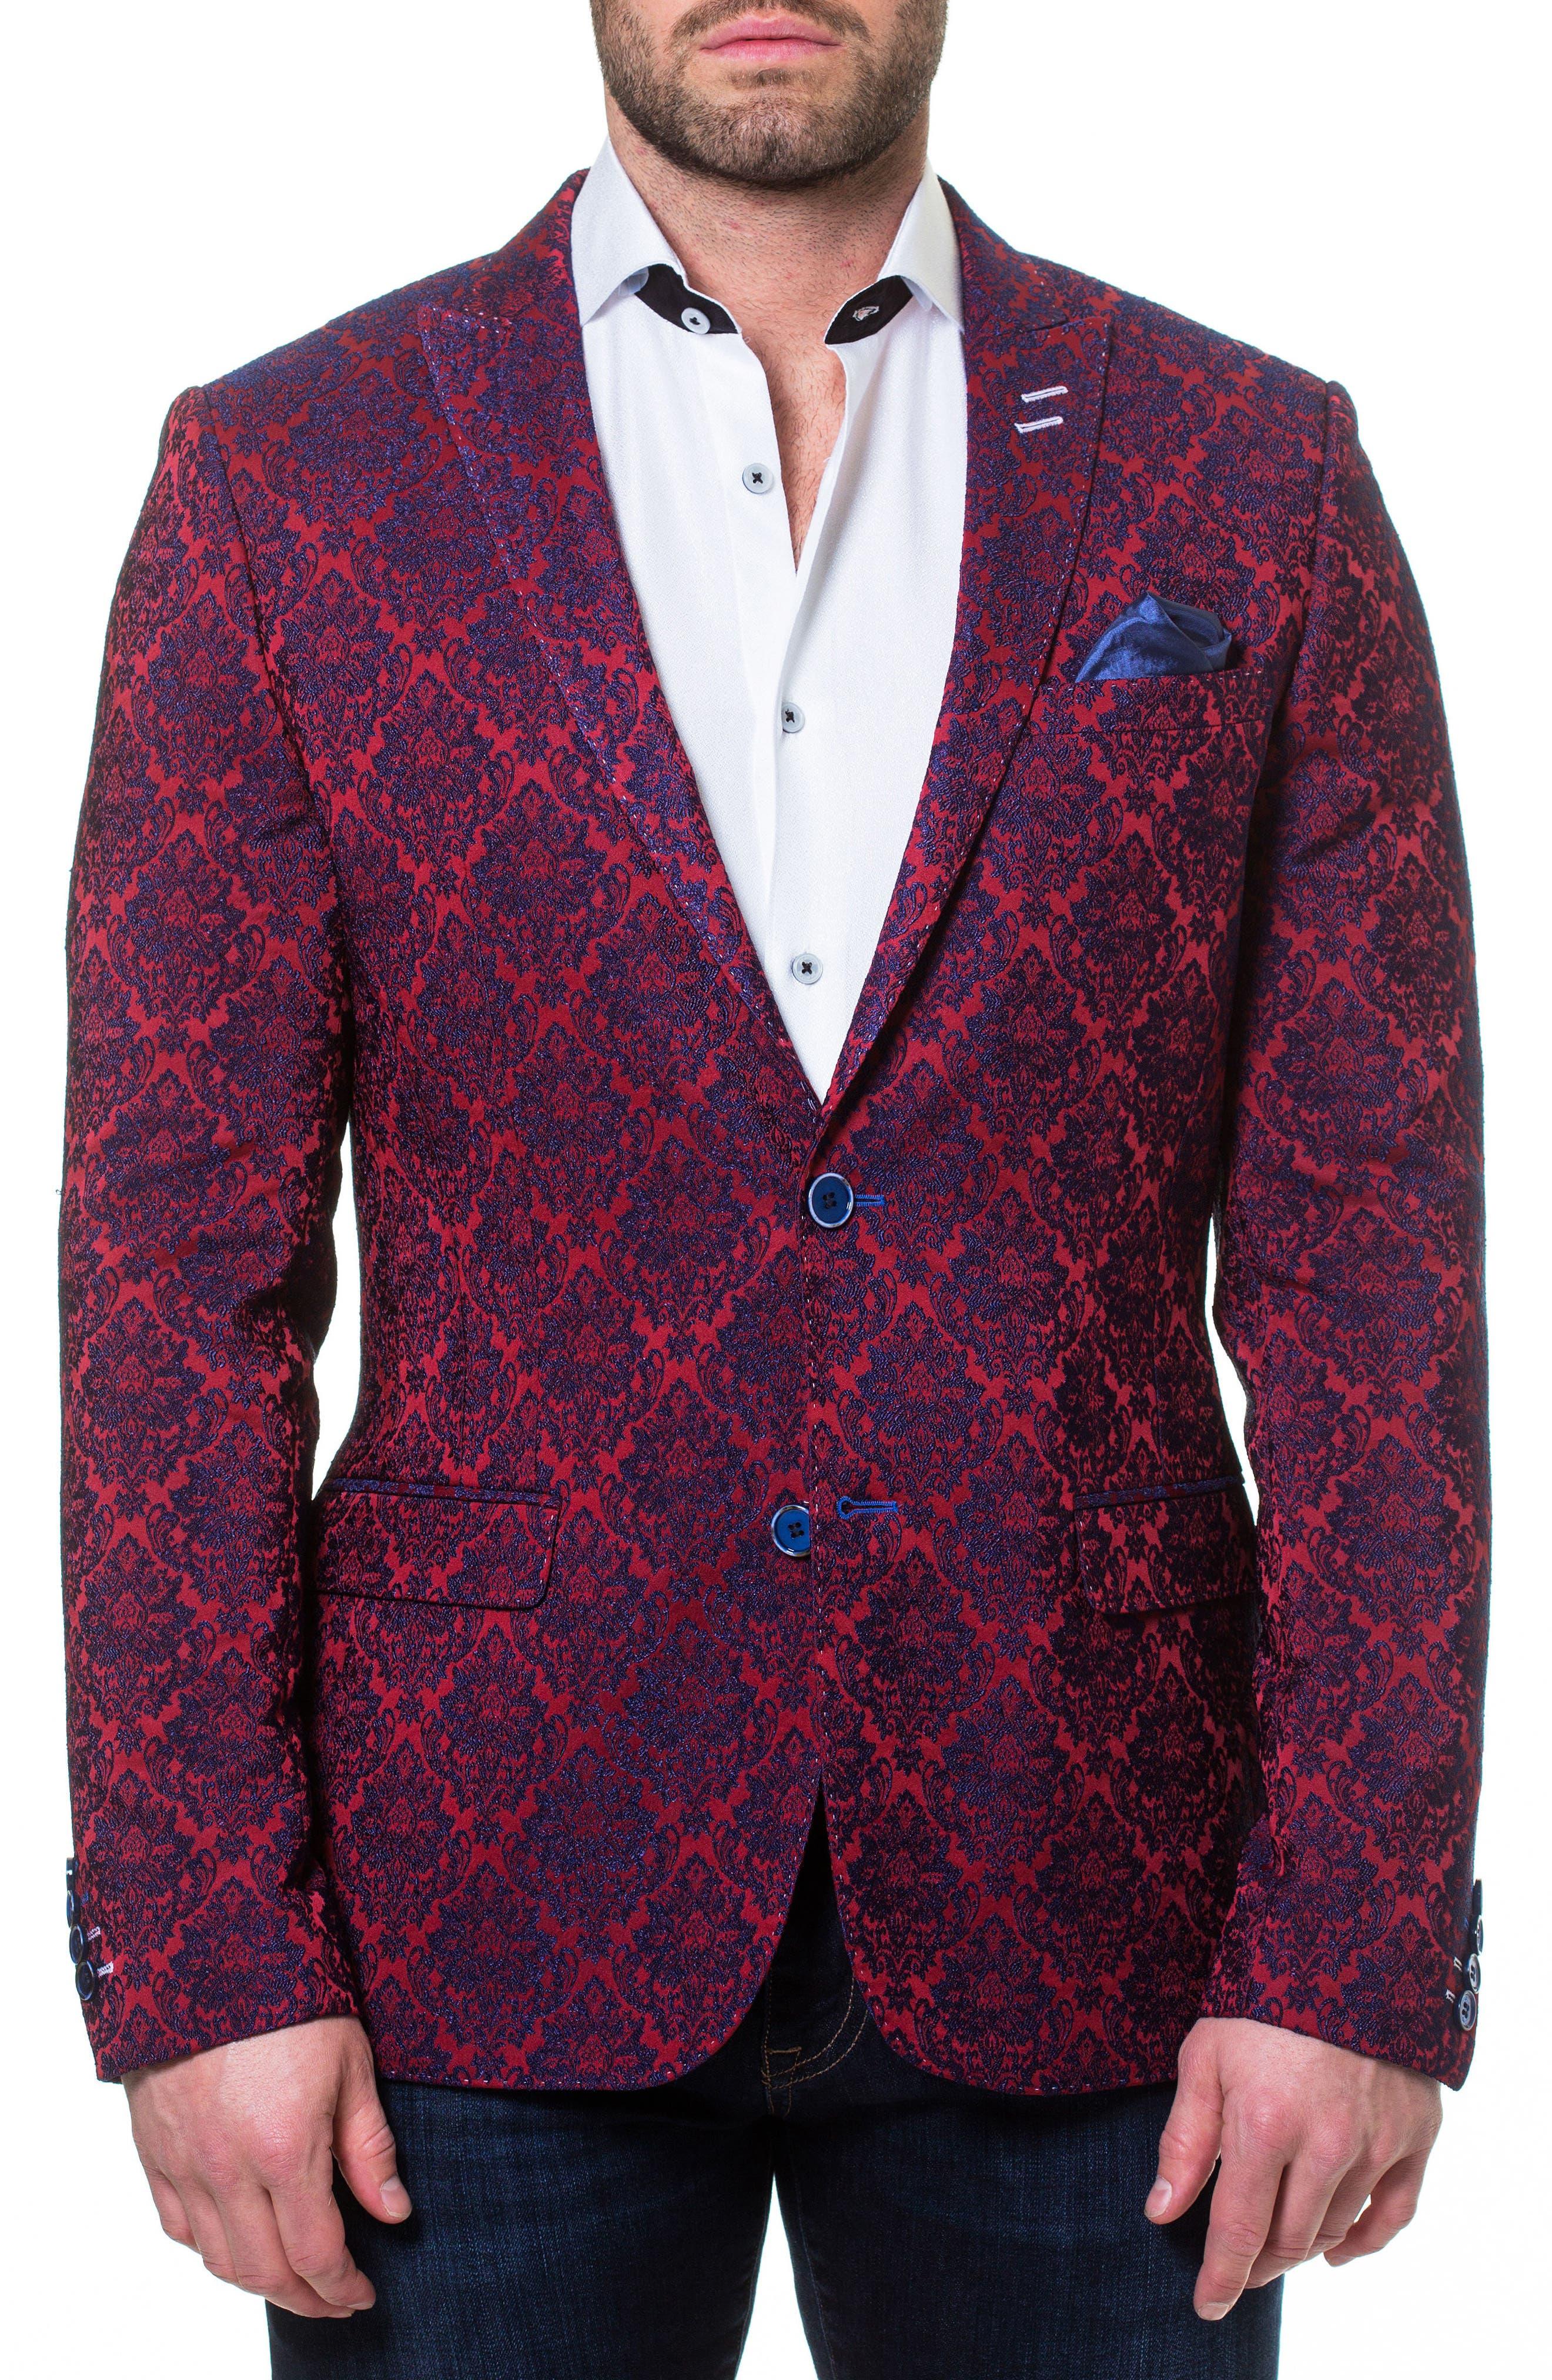 Main Image - Maceoo Descartes Jacquard Linen & Cotton Blend Sport Coat